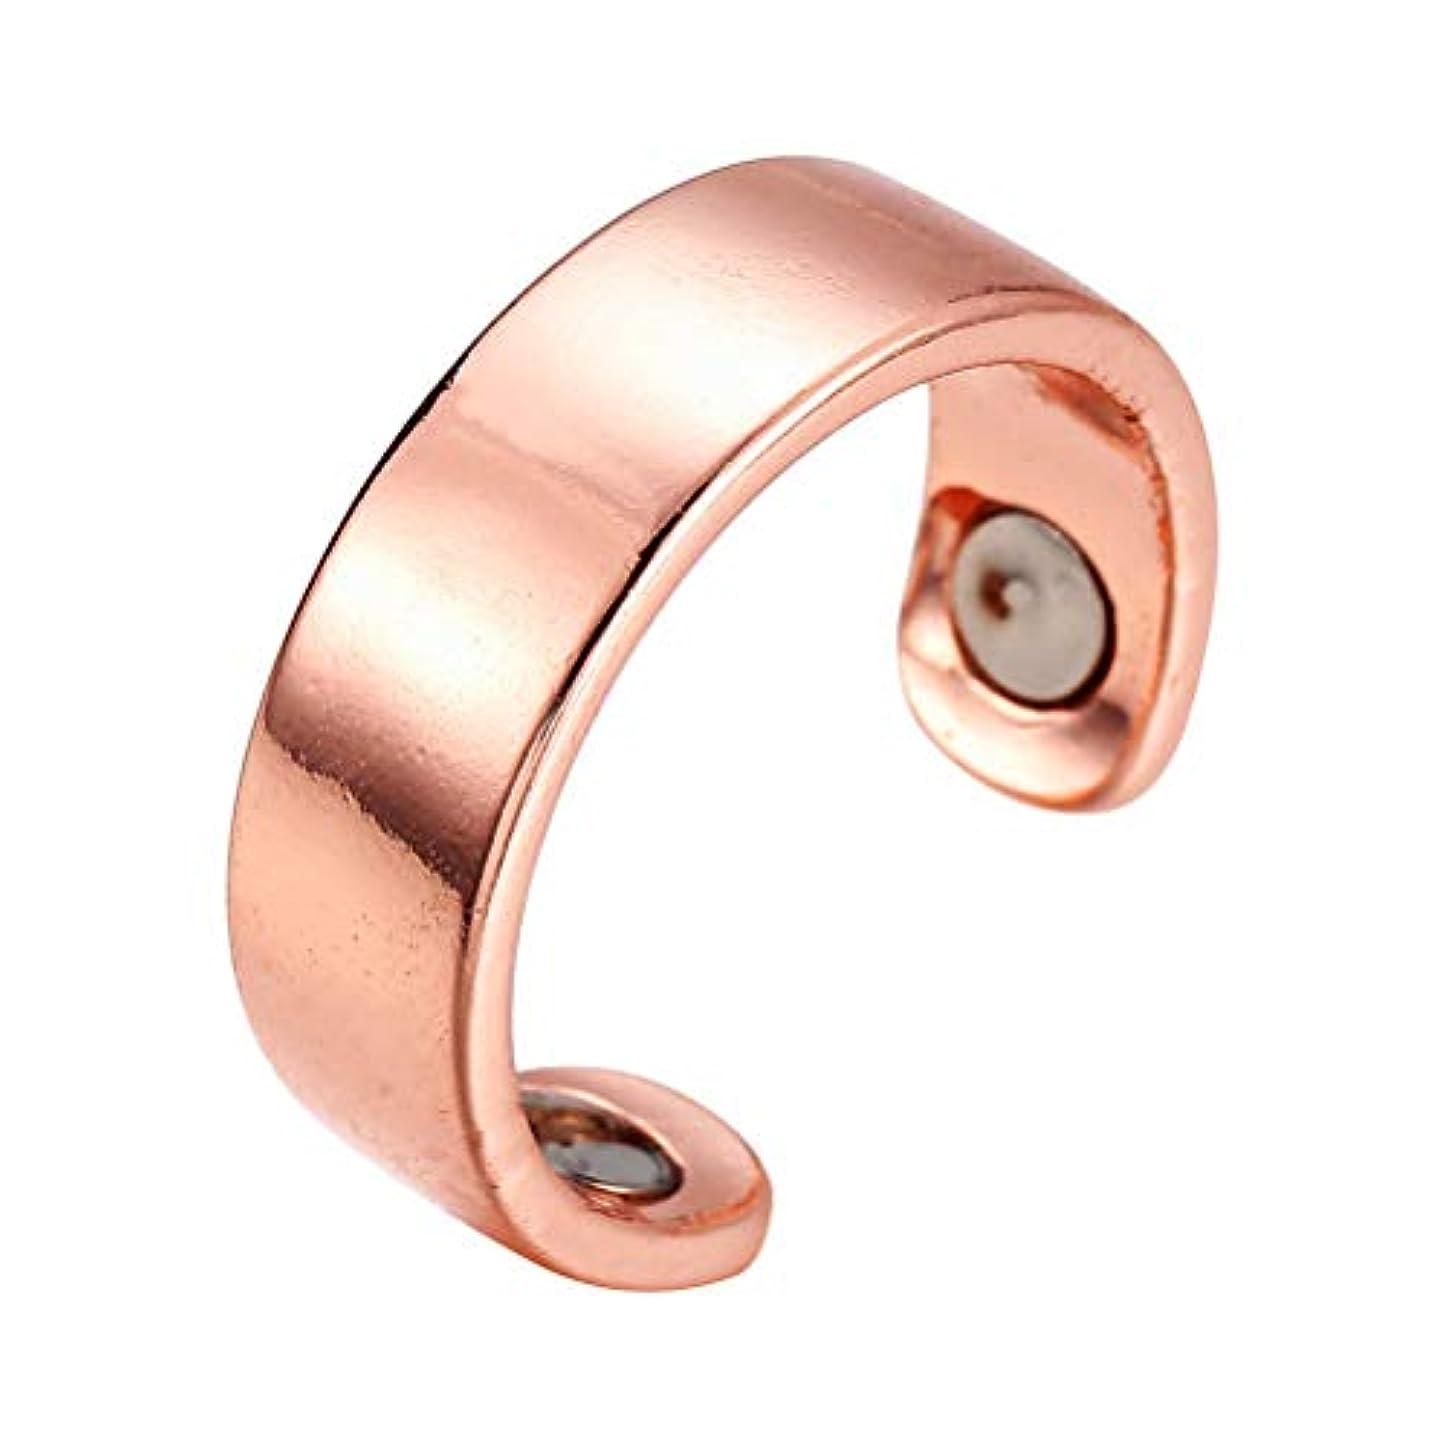 あえて文明化する誠意HEALIFTY 指圧マッサージ指輪防止いびきリング息切れ指圧治療ヘルスケア磁気療法健康的な睡眠リング開環(釉、ローズゴールデン)